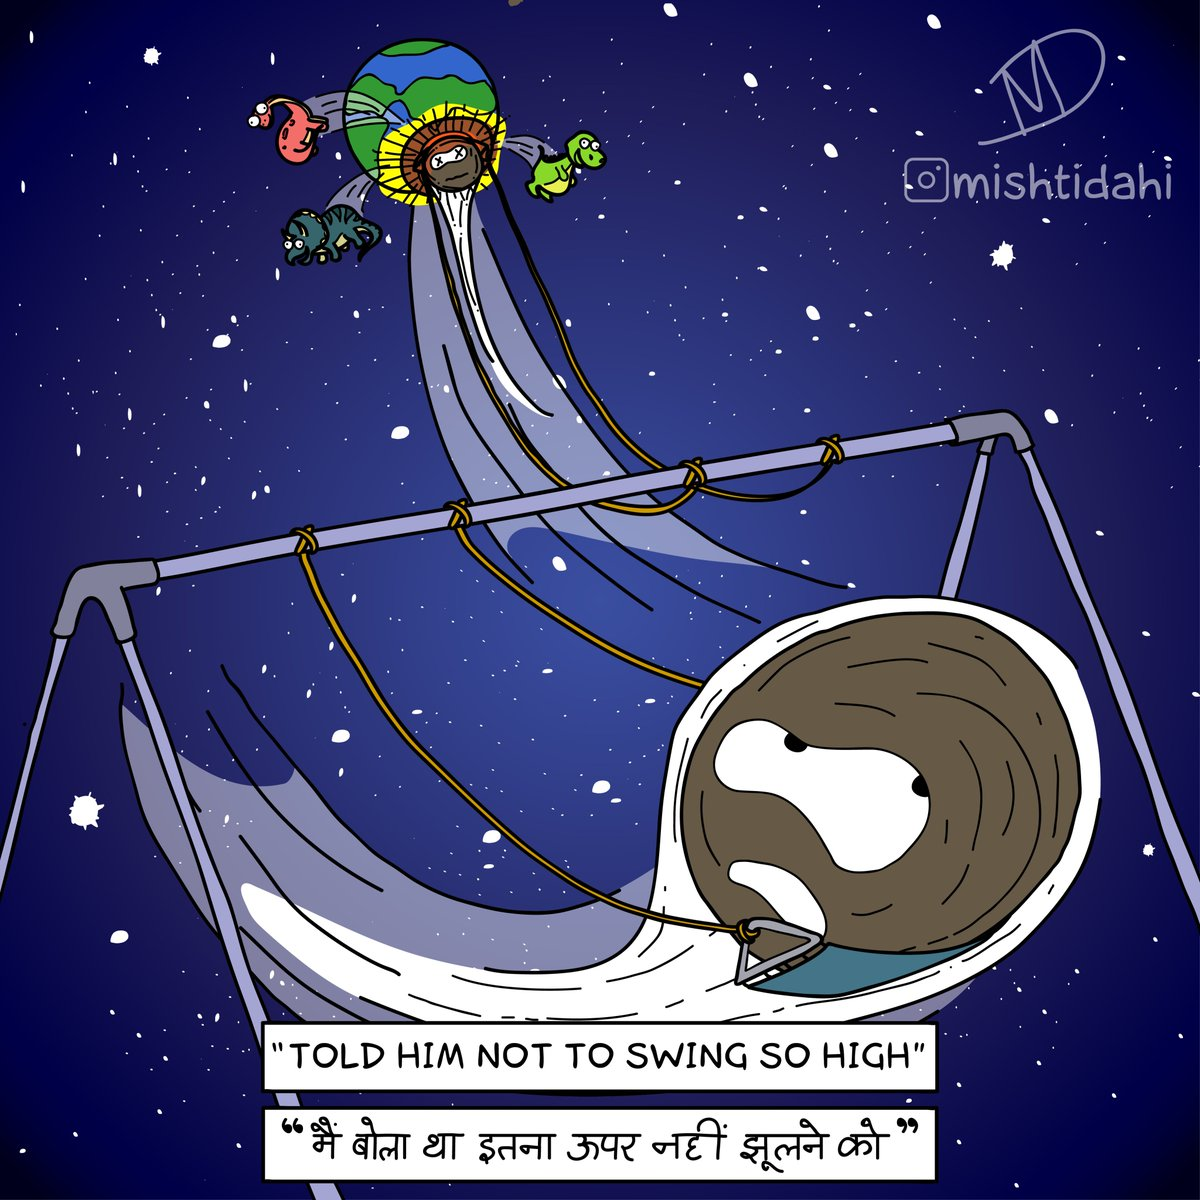 Inktober19 Day 9: SWINGing too high#cartoon #humour #inktober #inktober2019 #inktoberday9 #swing #high #comics #dinosaur #comet #meteor